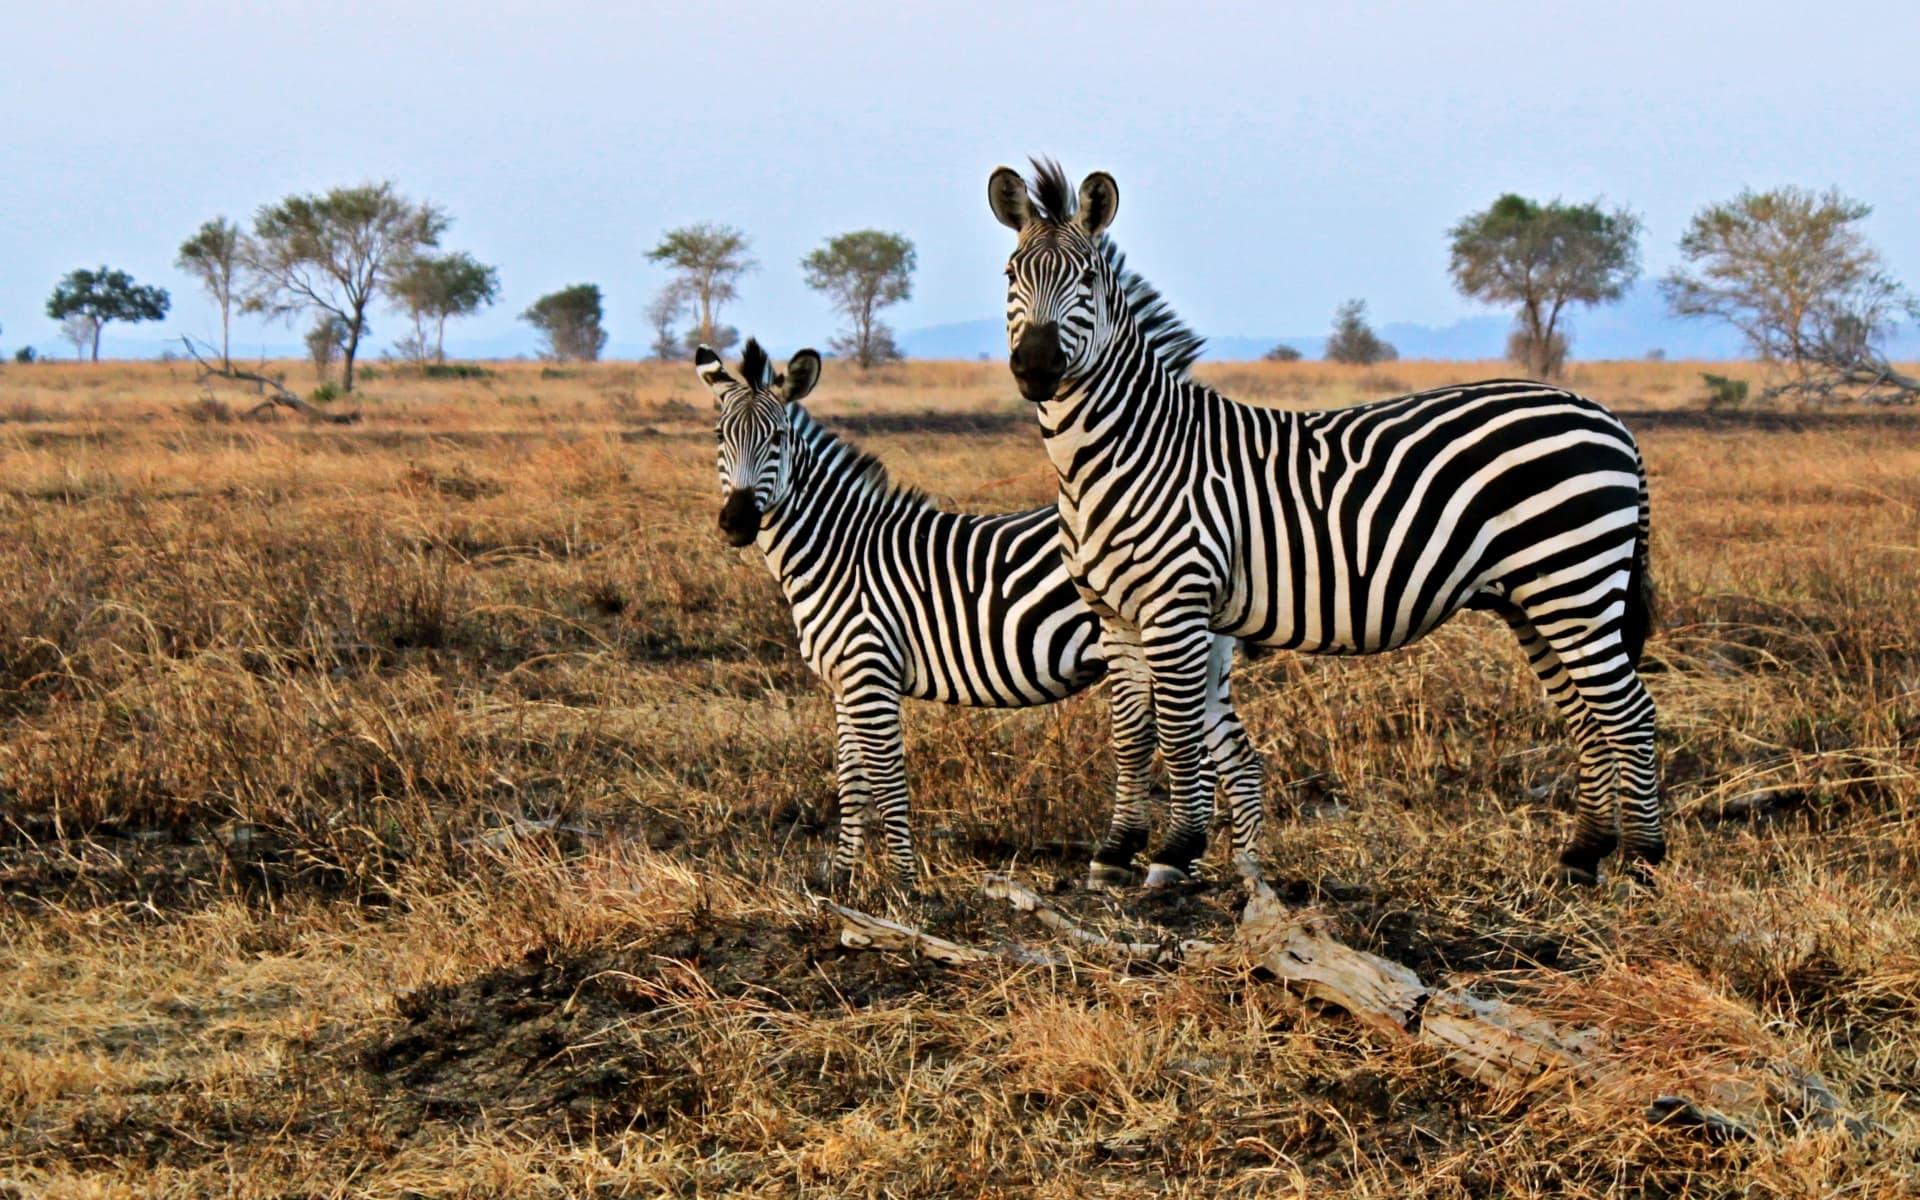 Компьютерное моделирование объяснило назначение полосок зебр